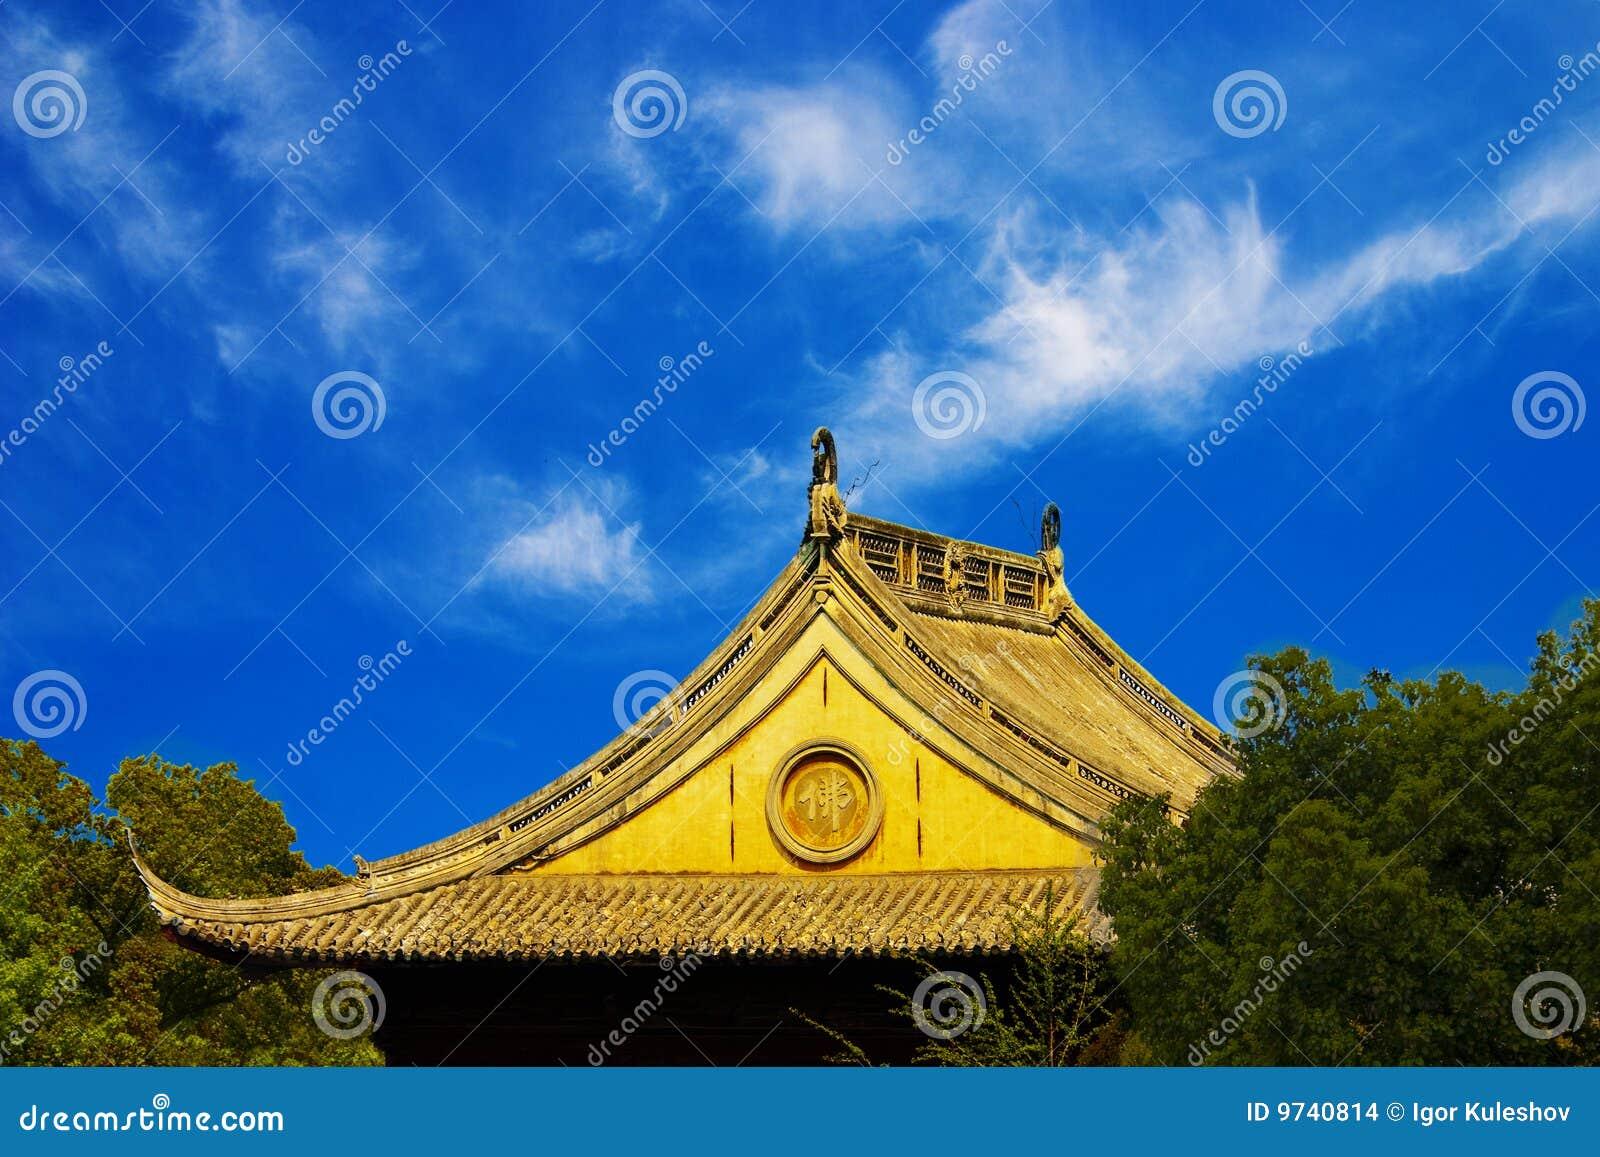 Telhado do castelo antigo em Ásia